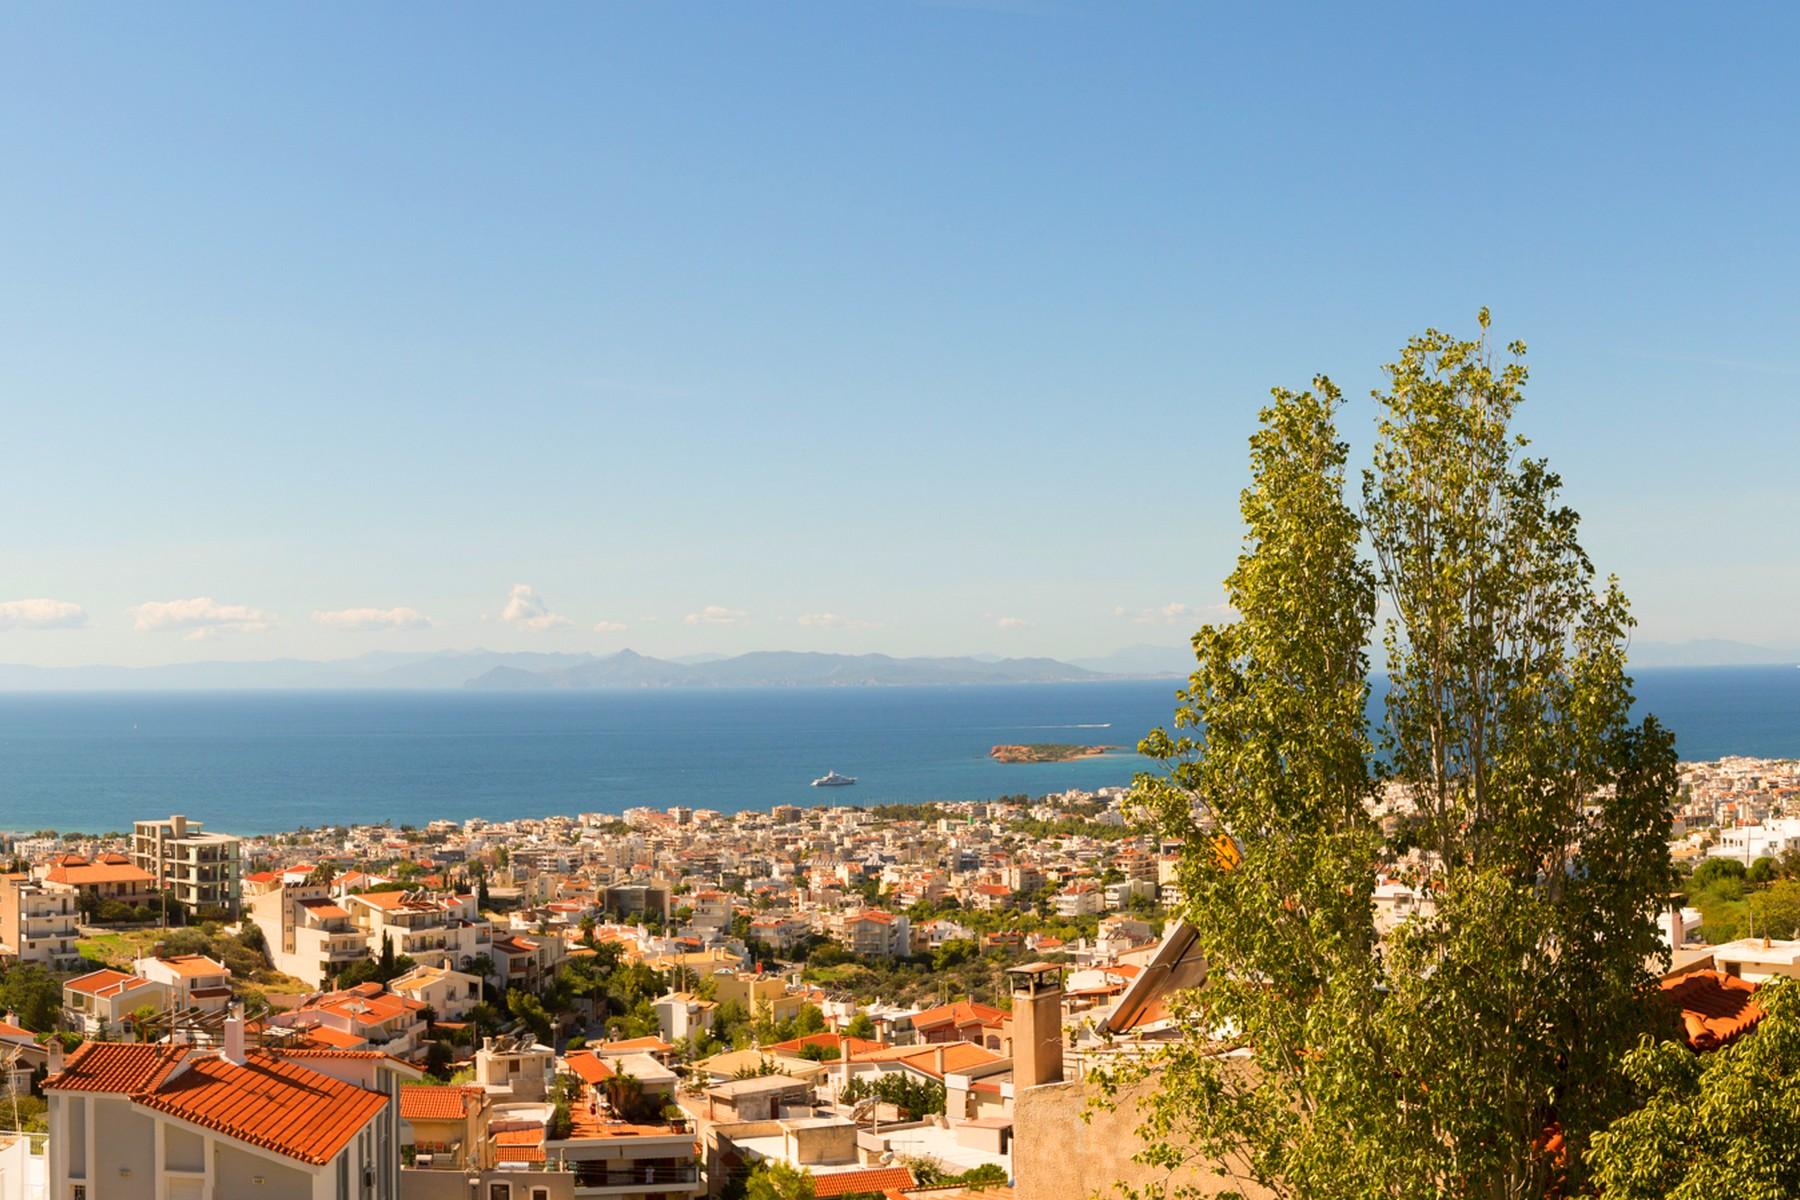 Villa per Vendita alle ore Demis Roussos' Villa Voula, Attica Grecia